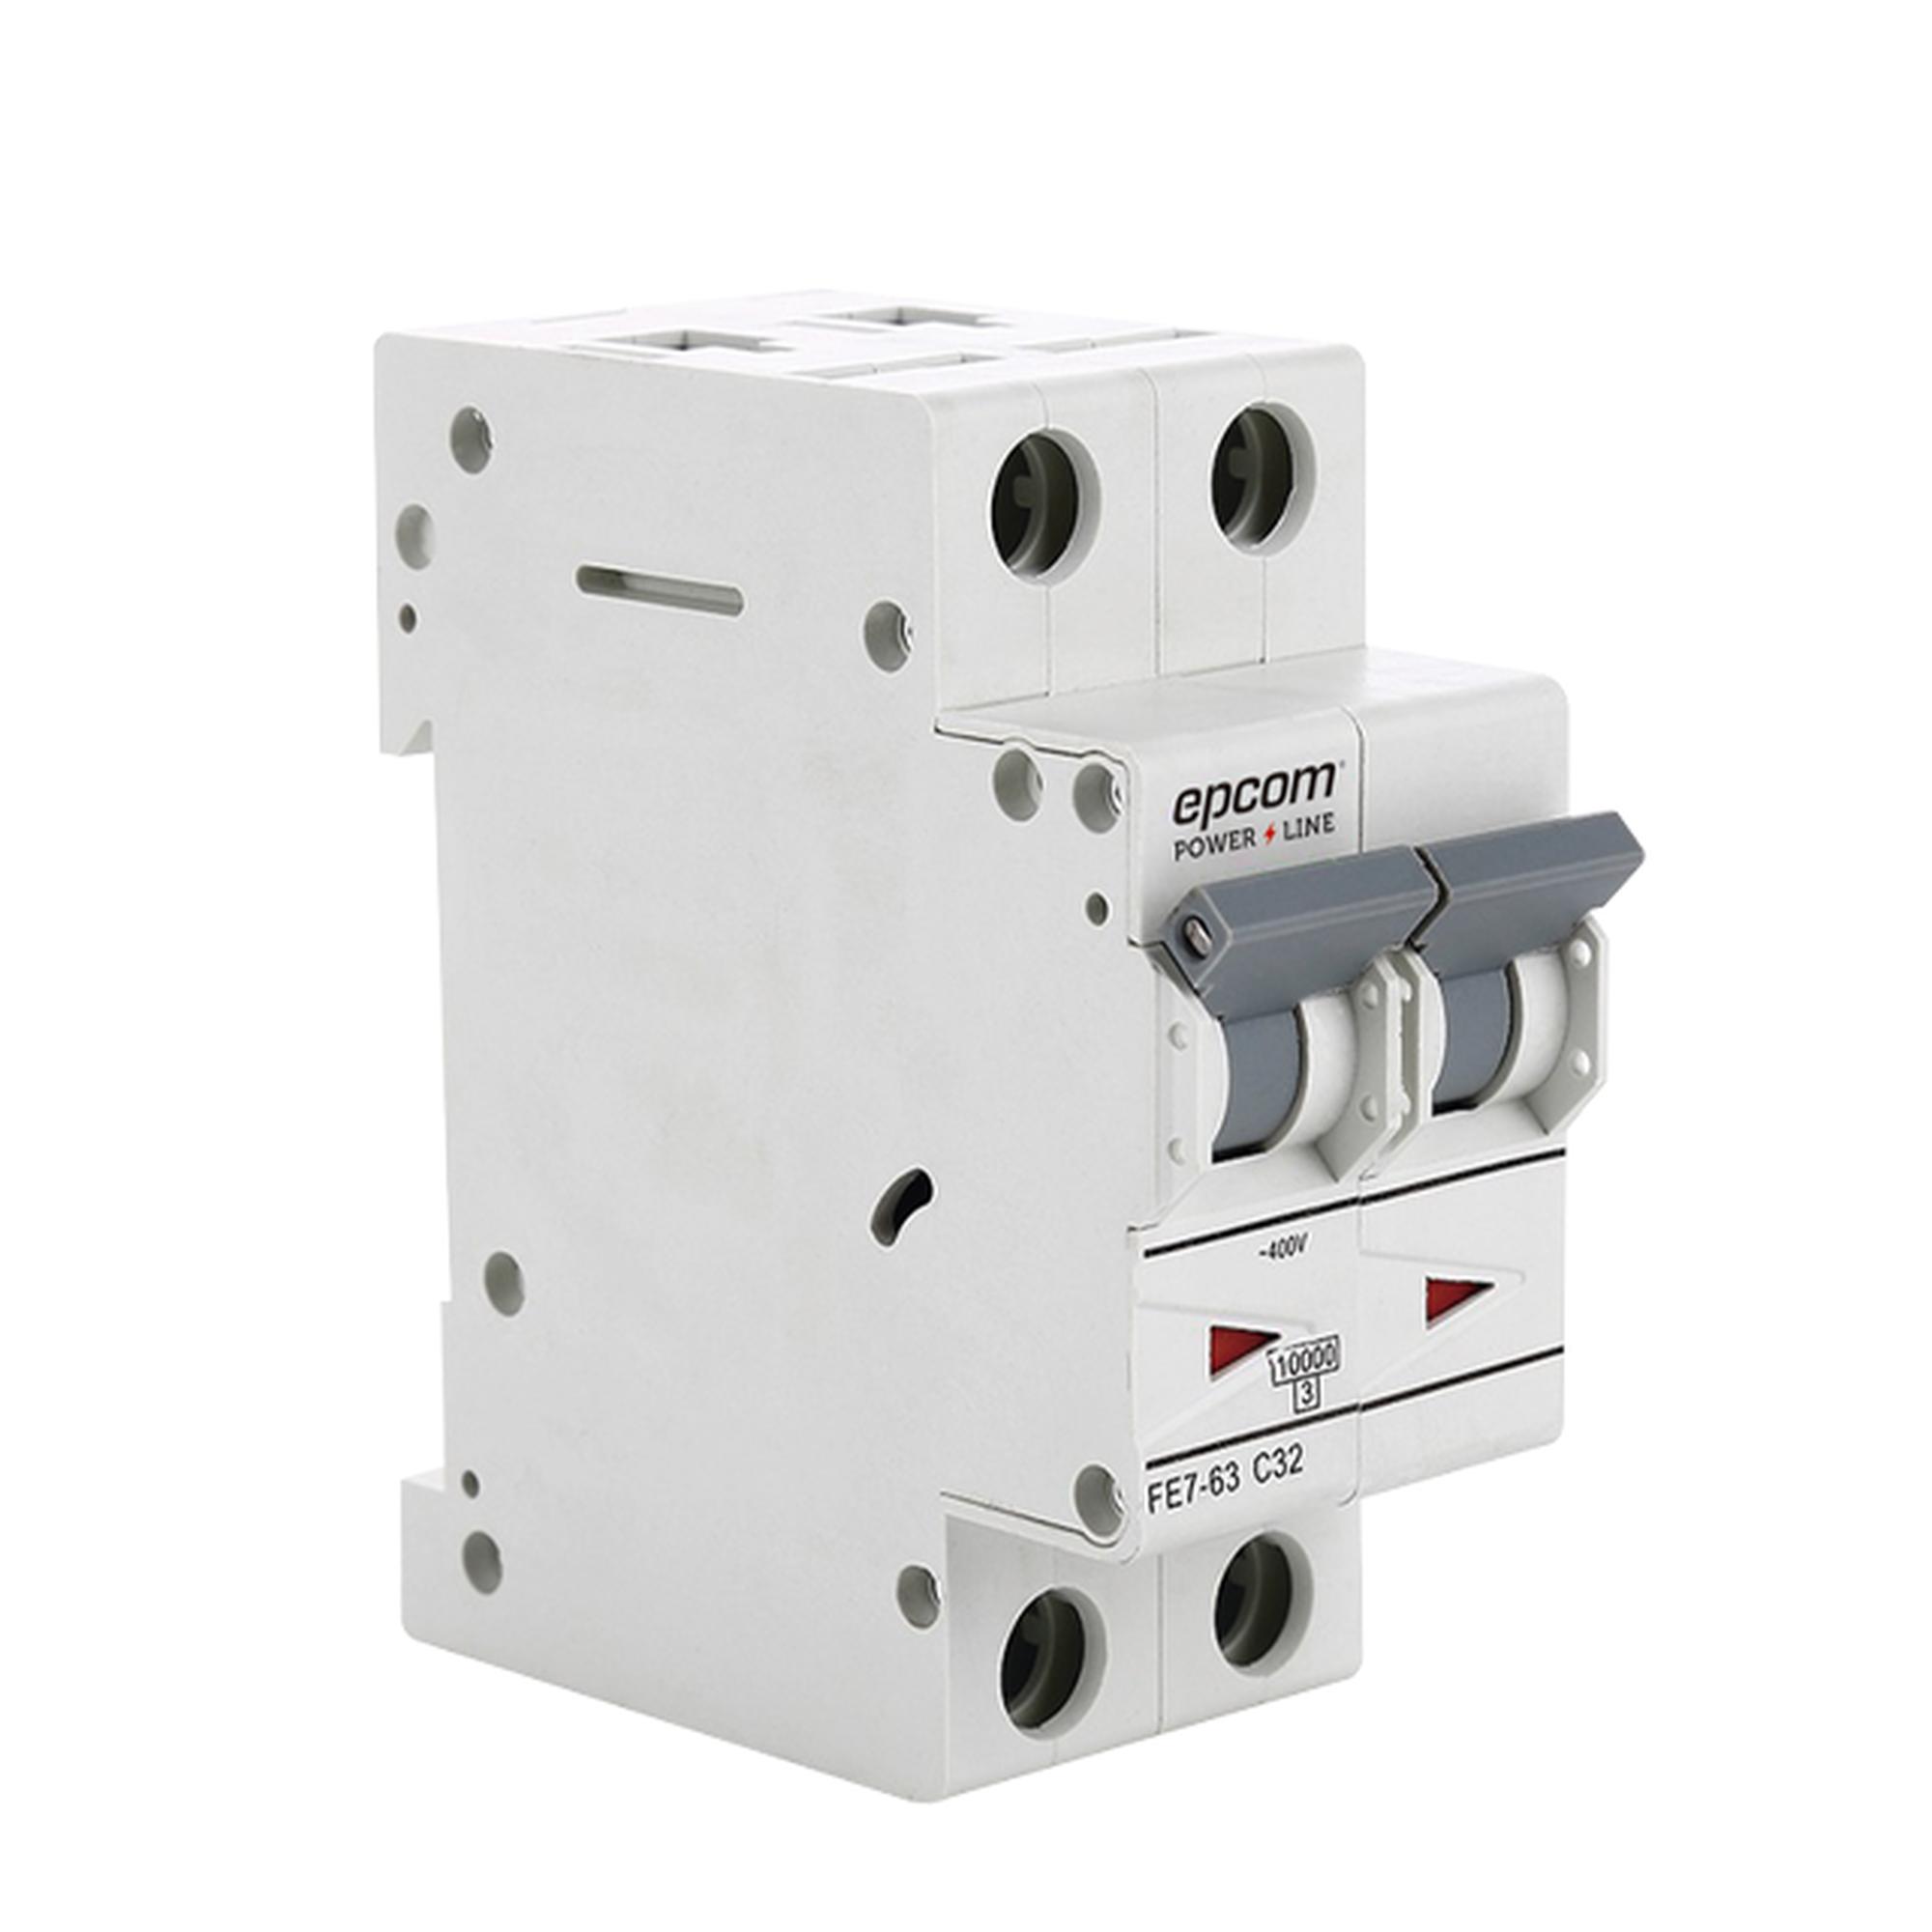 Protección Térmica 2P, 40A,  Corriente Alterna  400 Vca para Aplicación Fotovoltaica Montaje Riel DIN